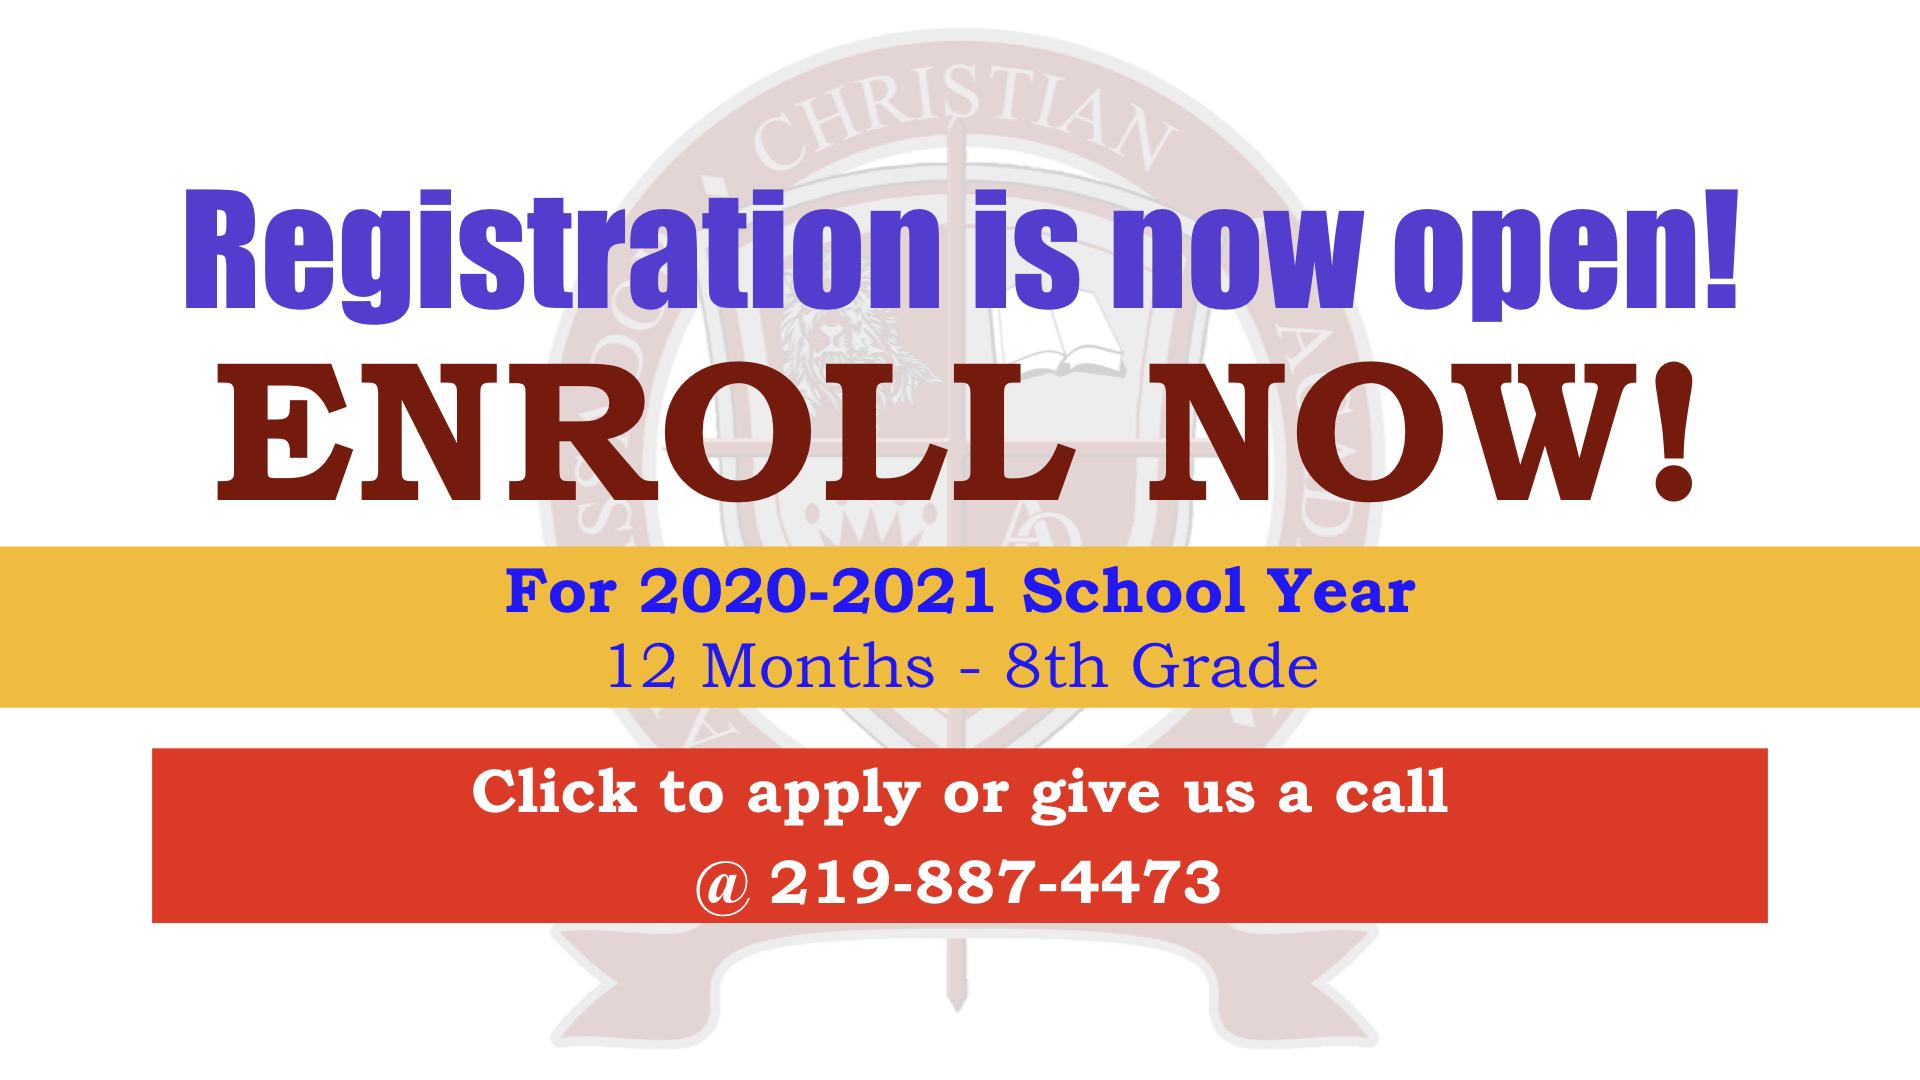 20220-2021 Enrollment